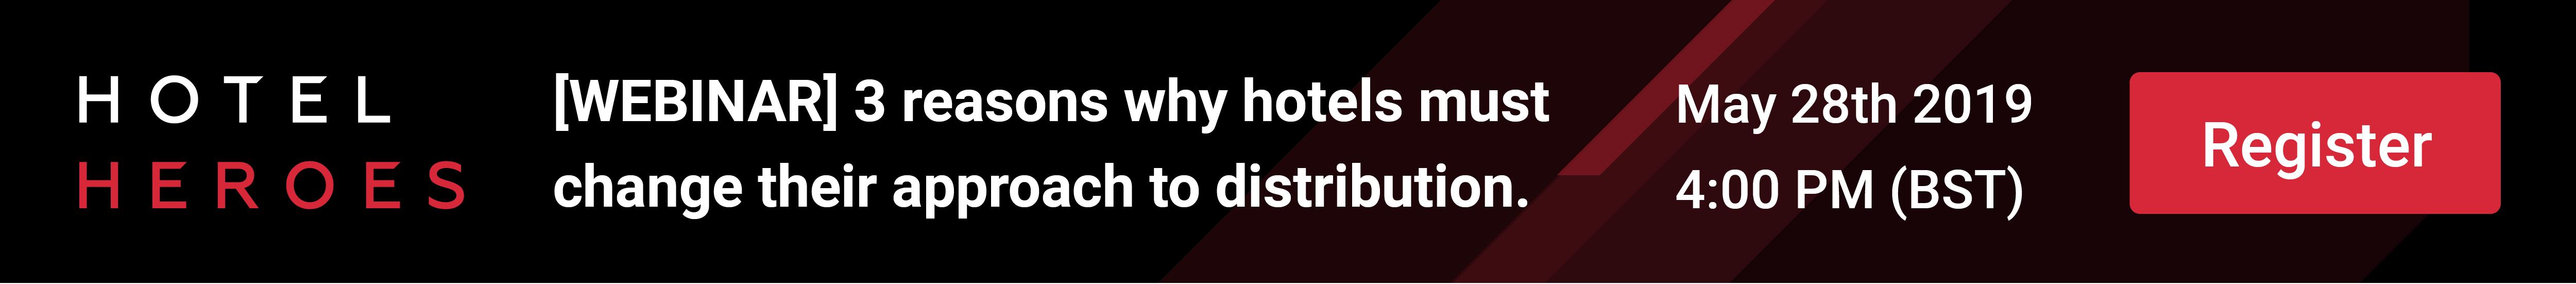 Hotel Heroes webinar